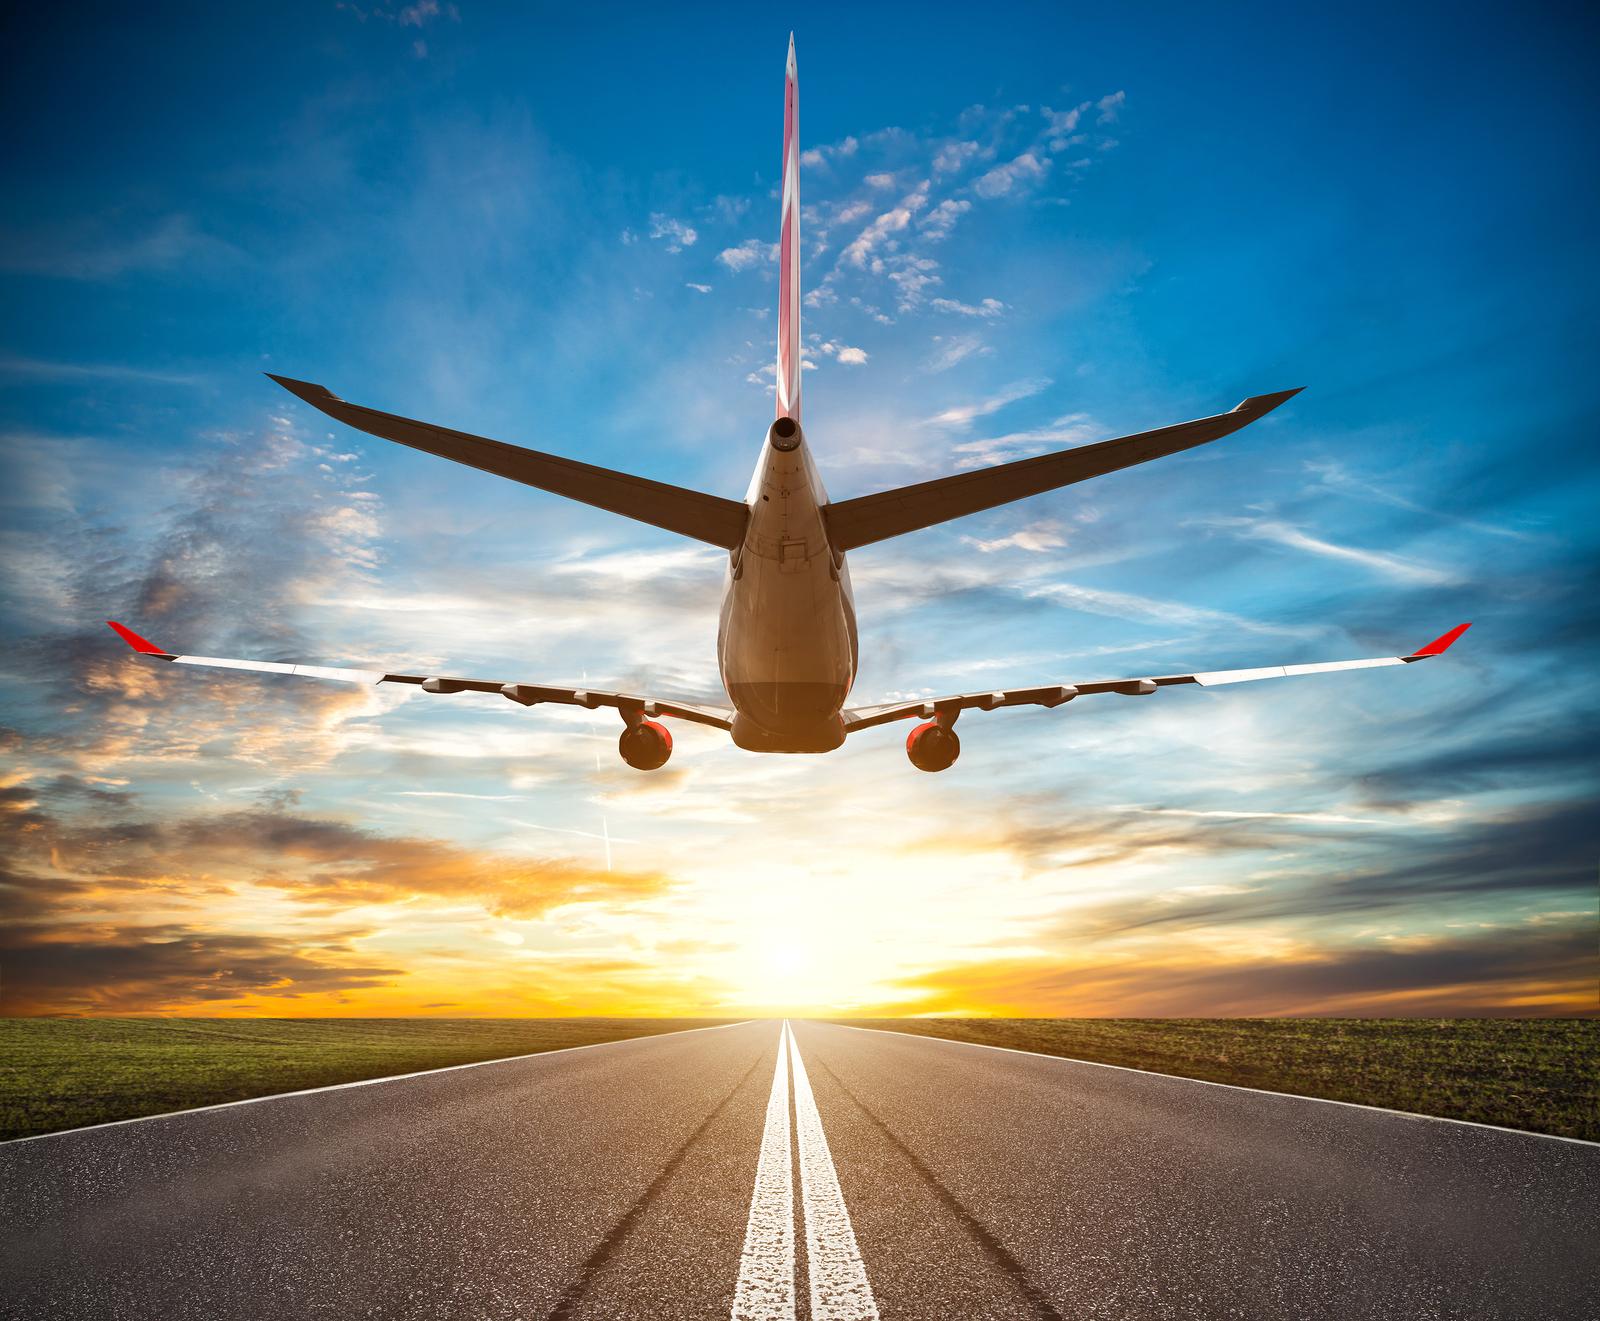 bigstock-passenger-plane-fly-up-over-ta-168459098.jpg